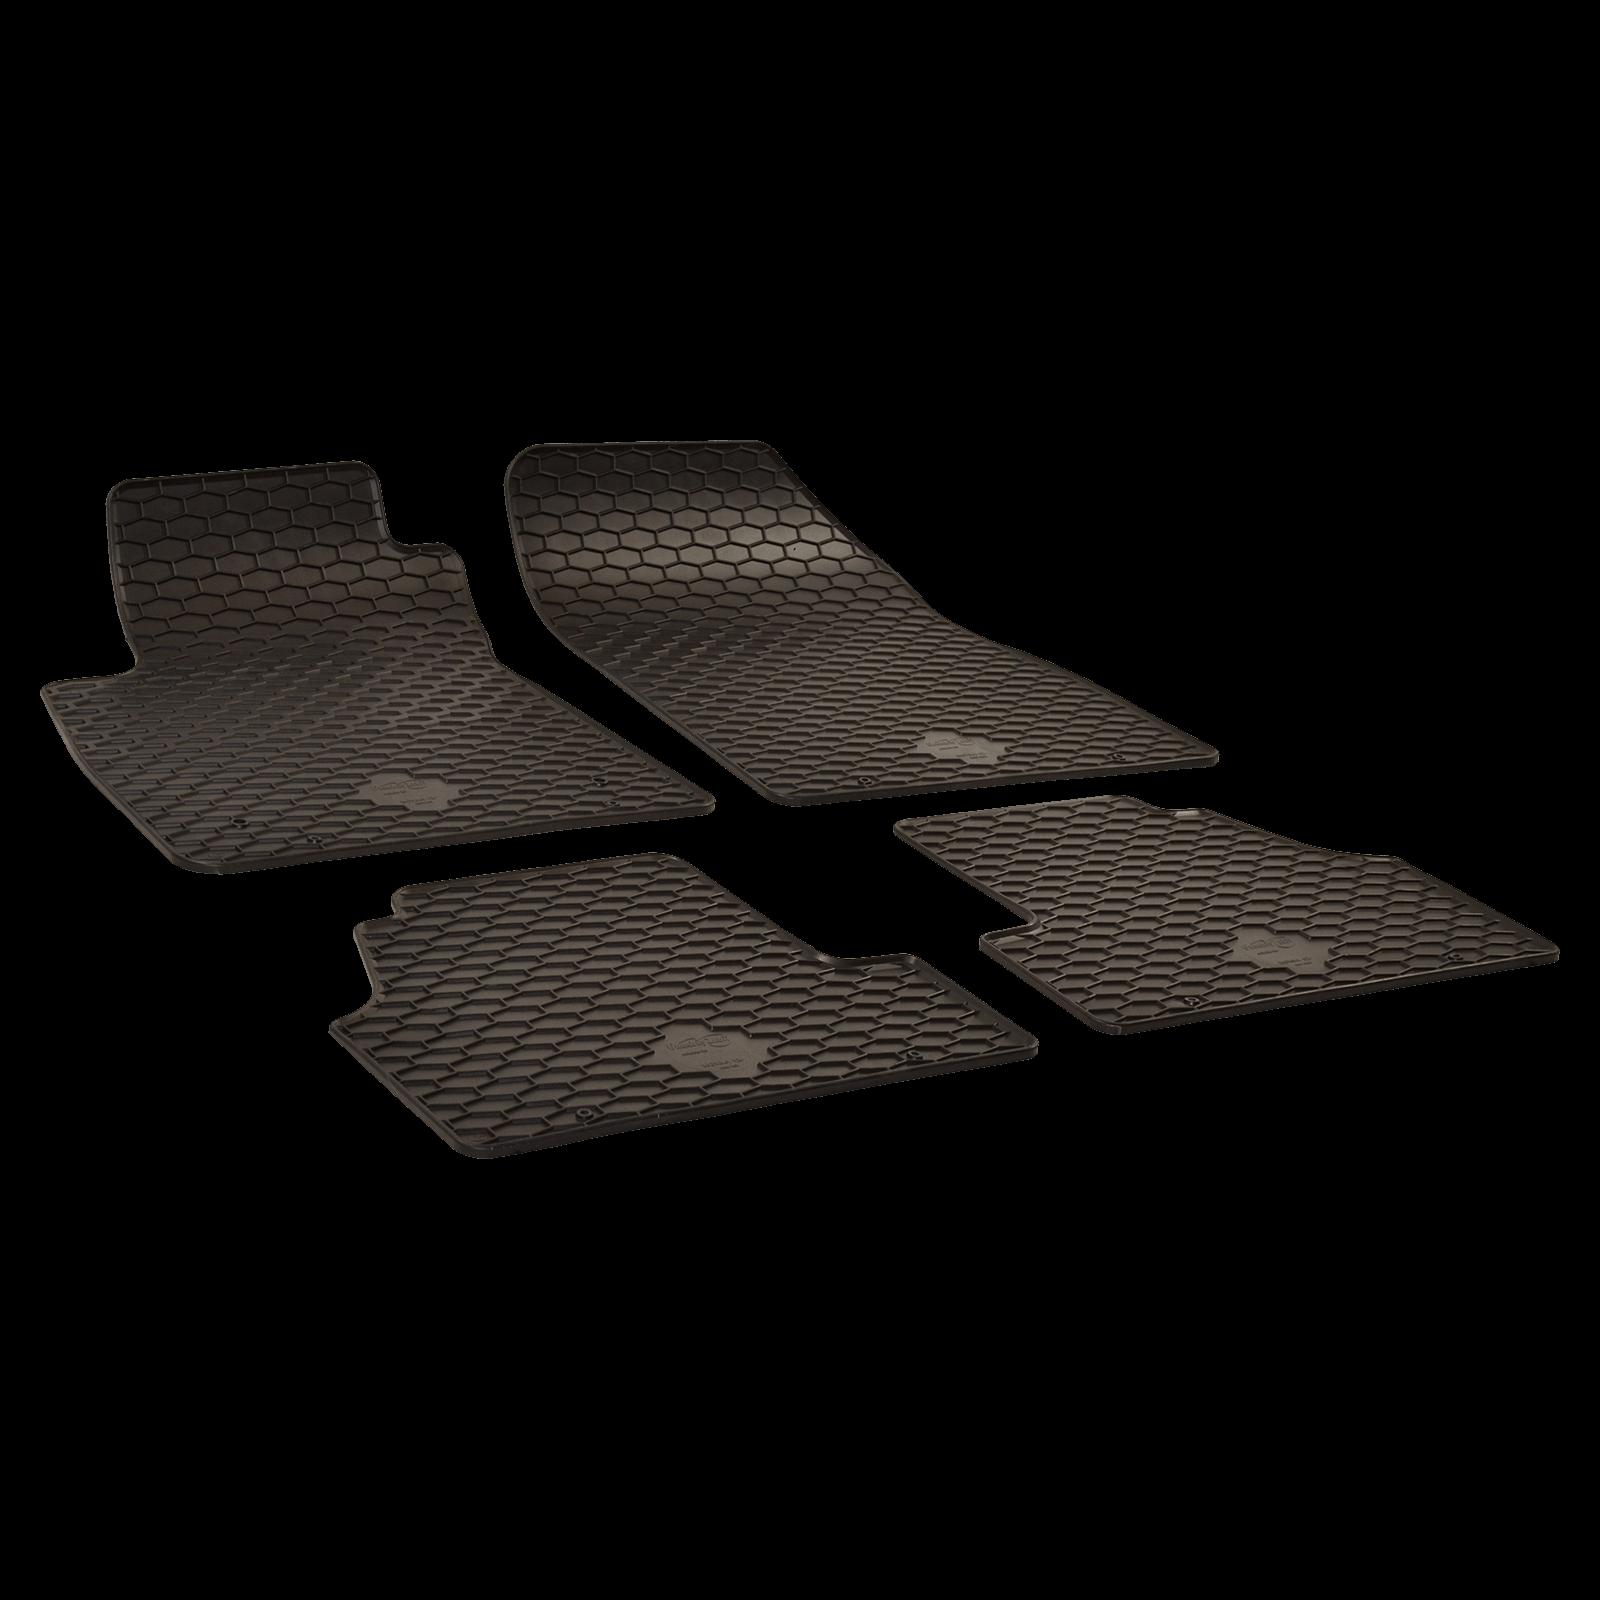 tapis de sol en caoutchouc noir pour opel mokka mokka x bj. Black Bedroom Furniture Sets. Home Design Ideas